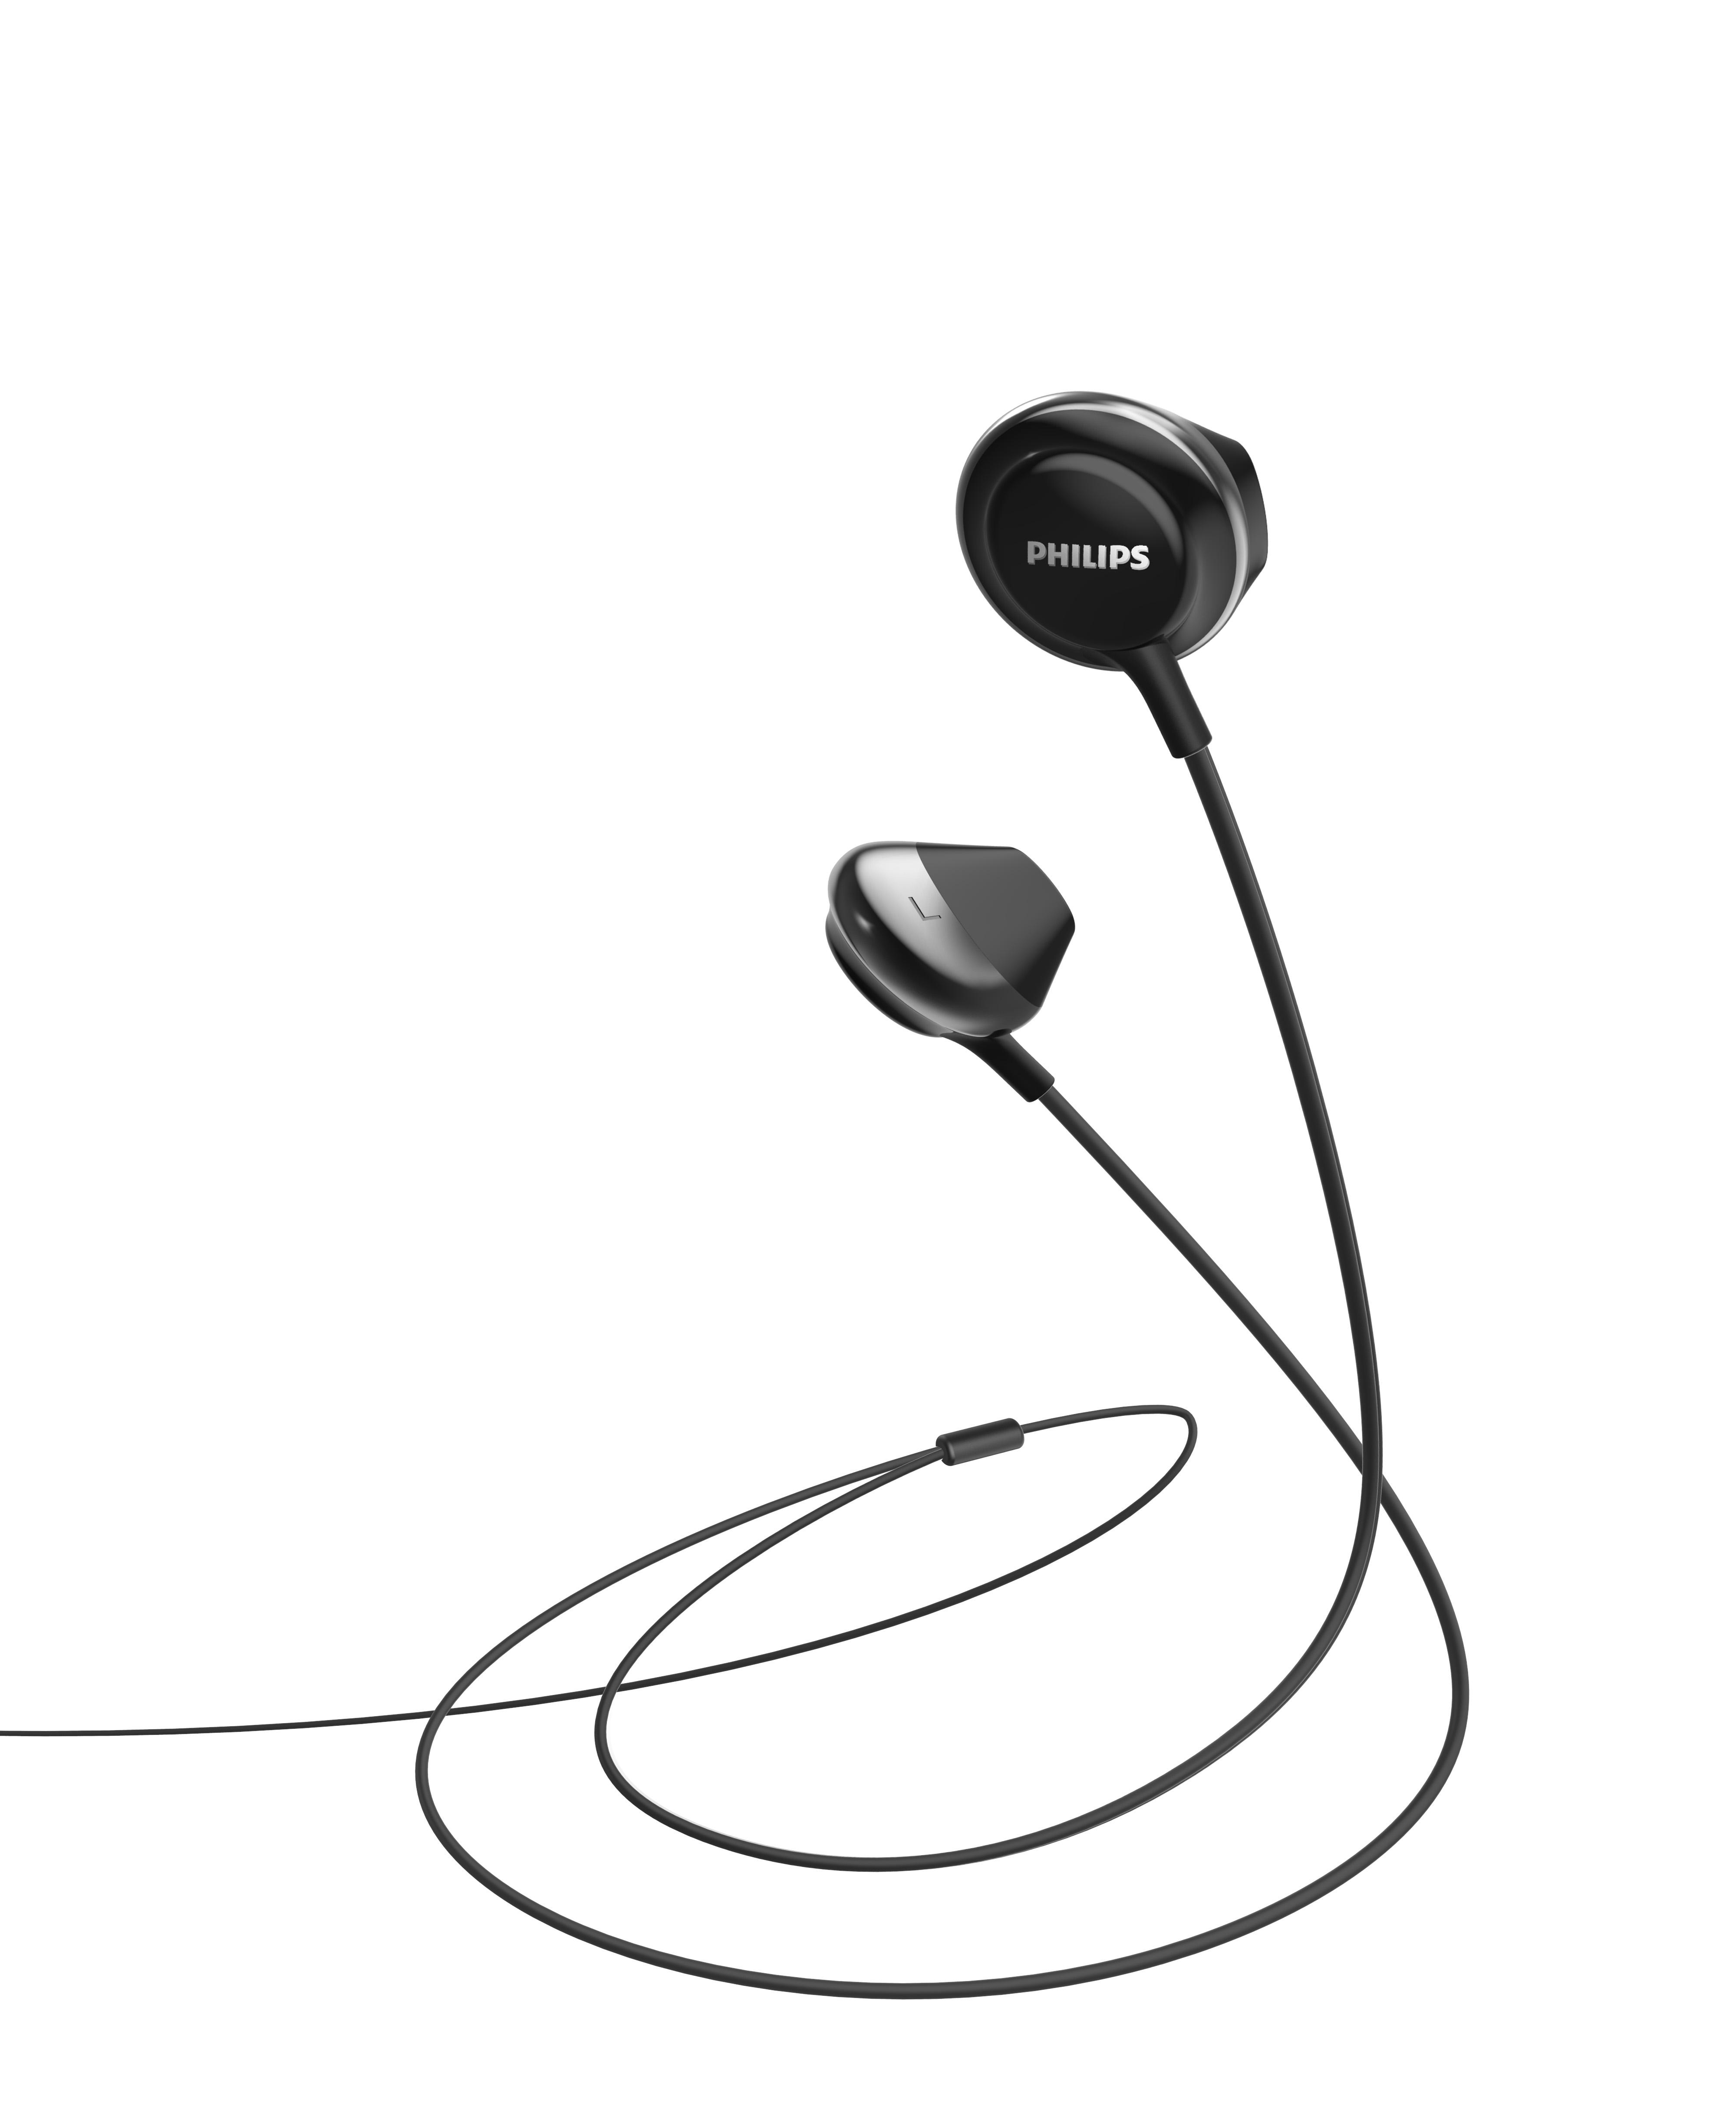 1-philips_flite_hyprlite_headphones_she4200bk_image1